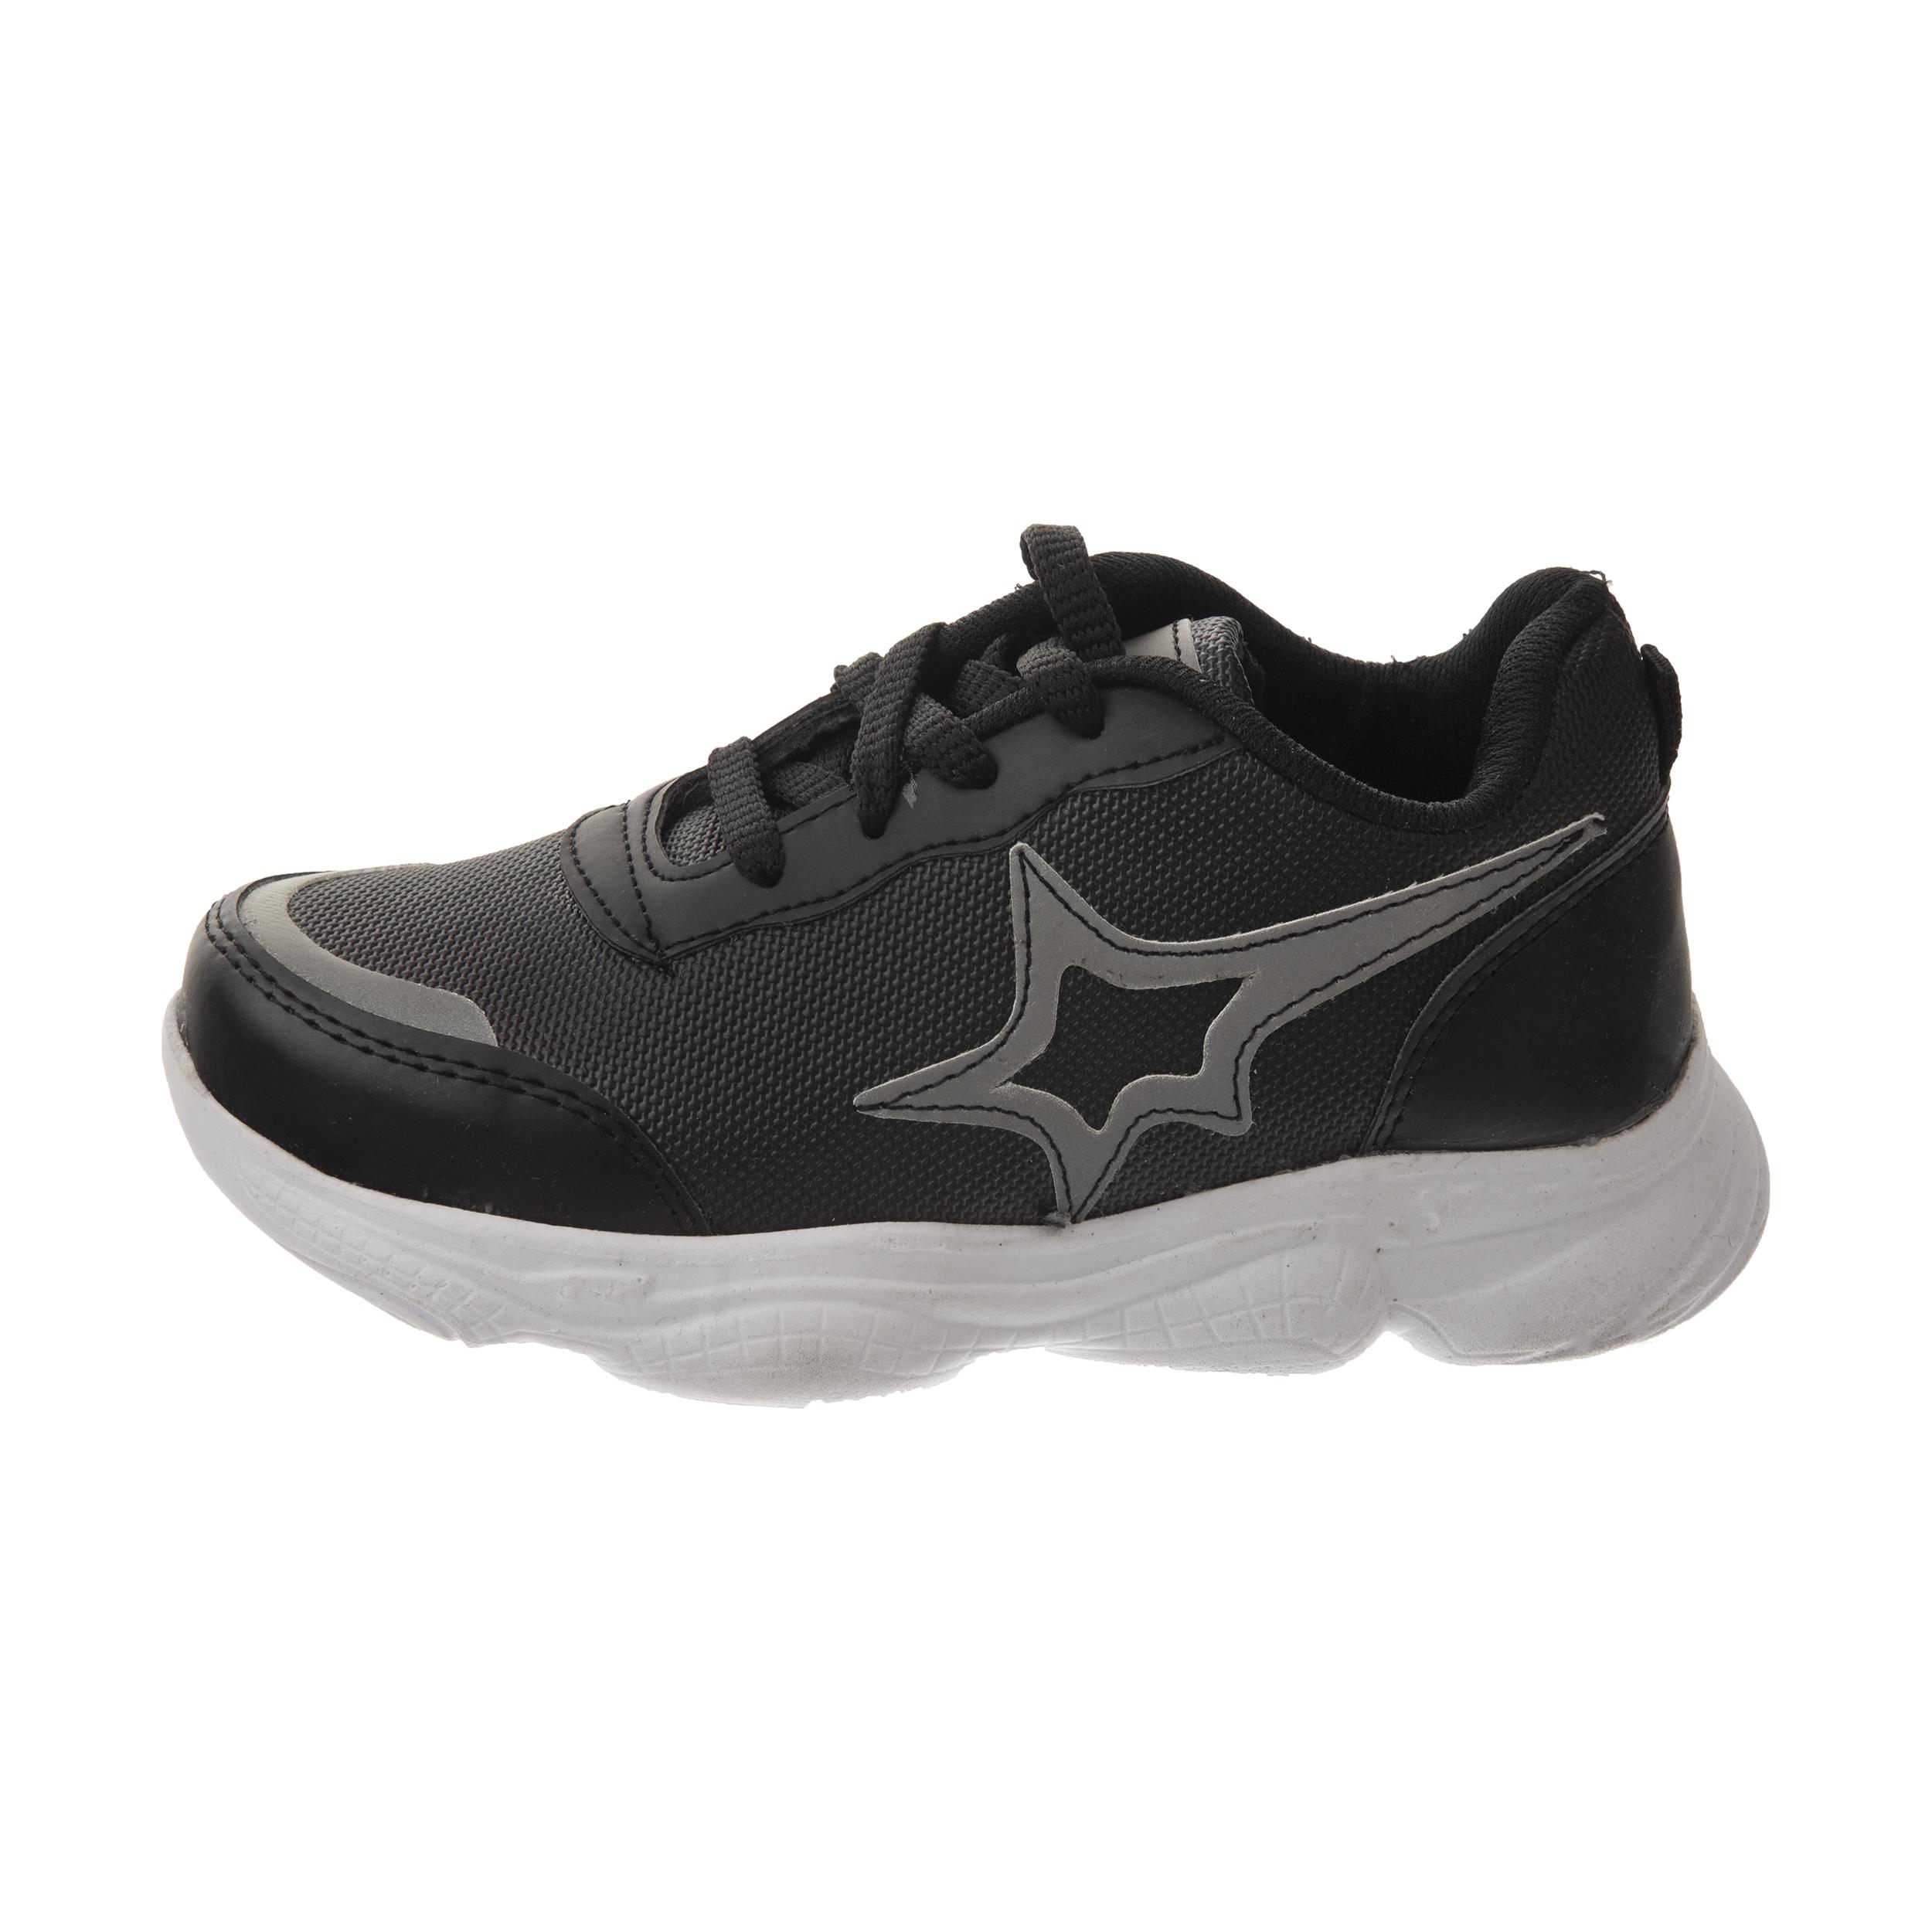 کفش ورزشی بچگانه اسپرت من مدل 39910-99